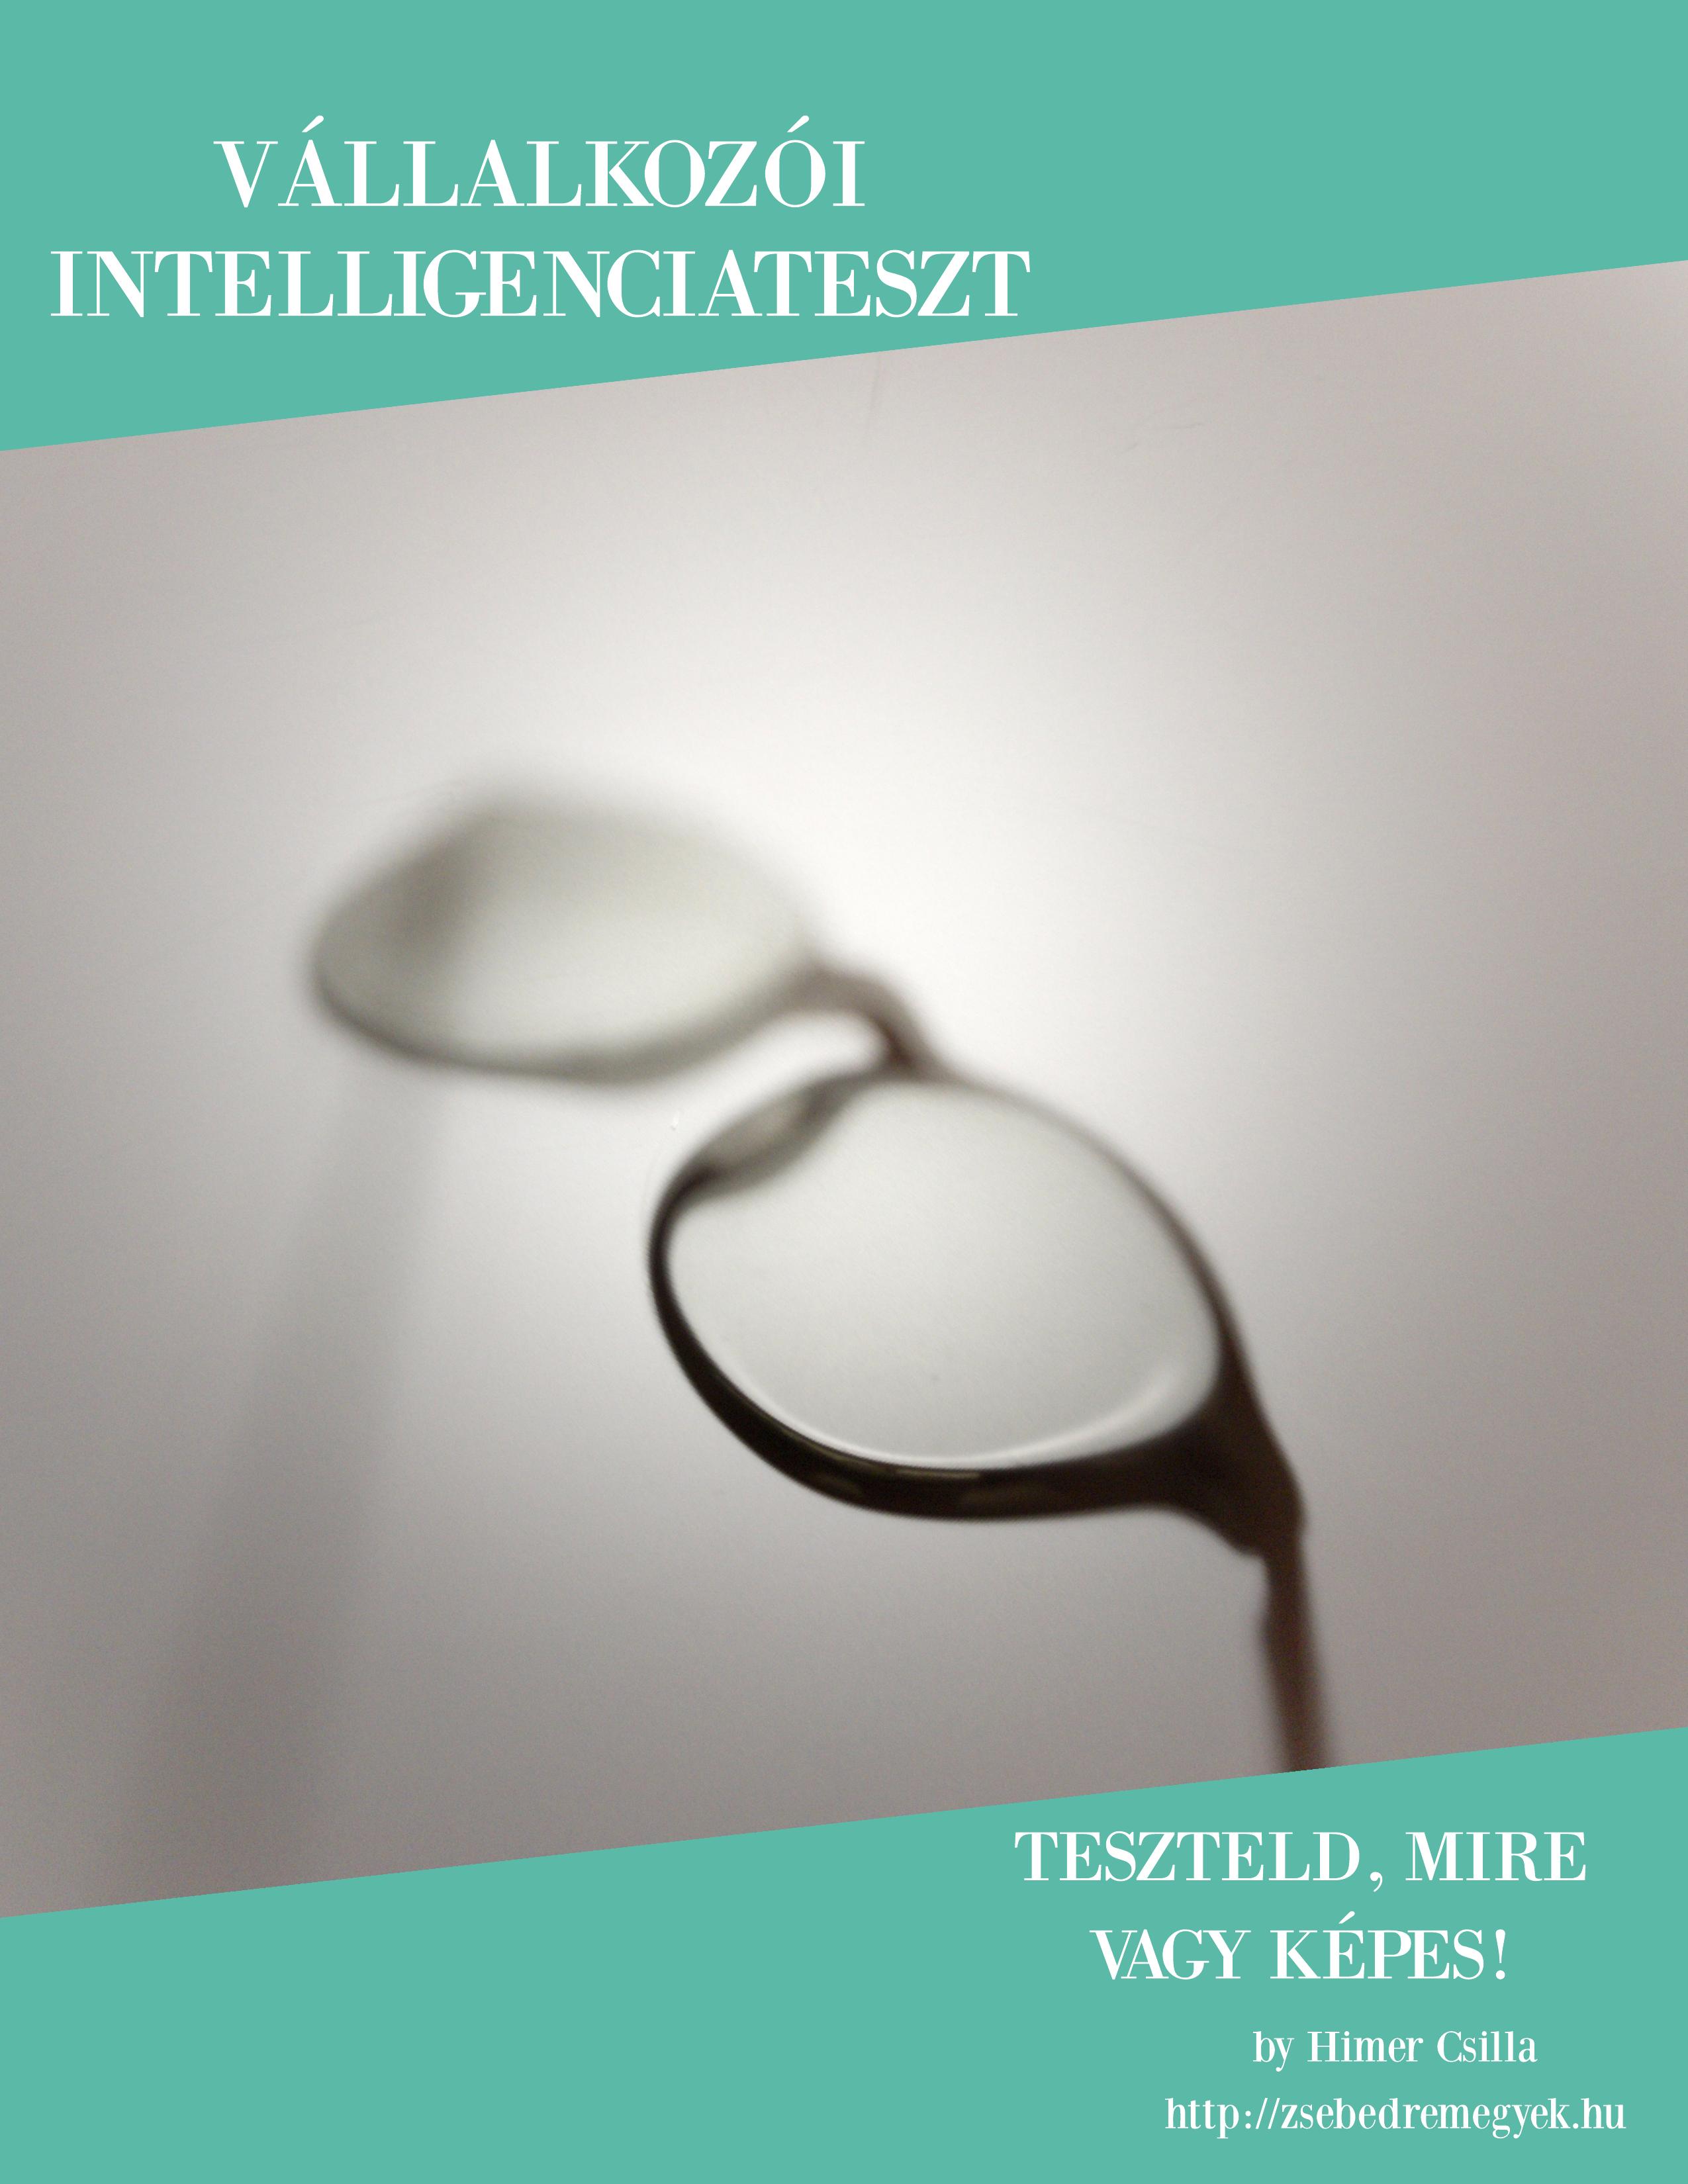 Vállalkozói intelligenciateszt a Tudástár oldalán a Zsebedremegyek.hu kínálatában